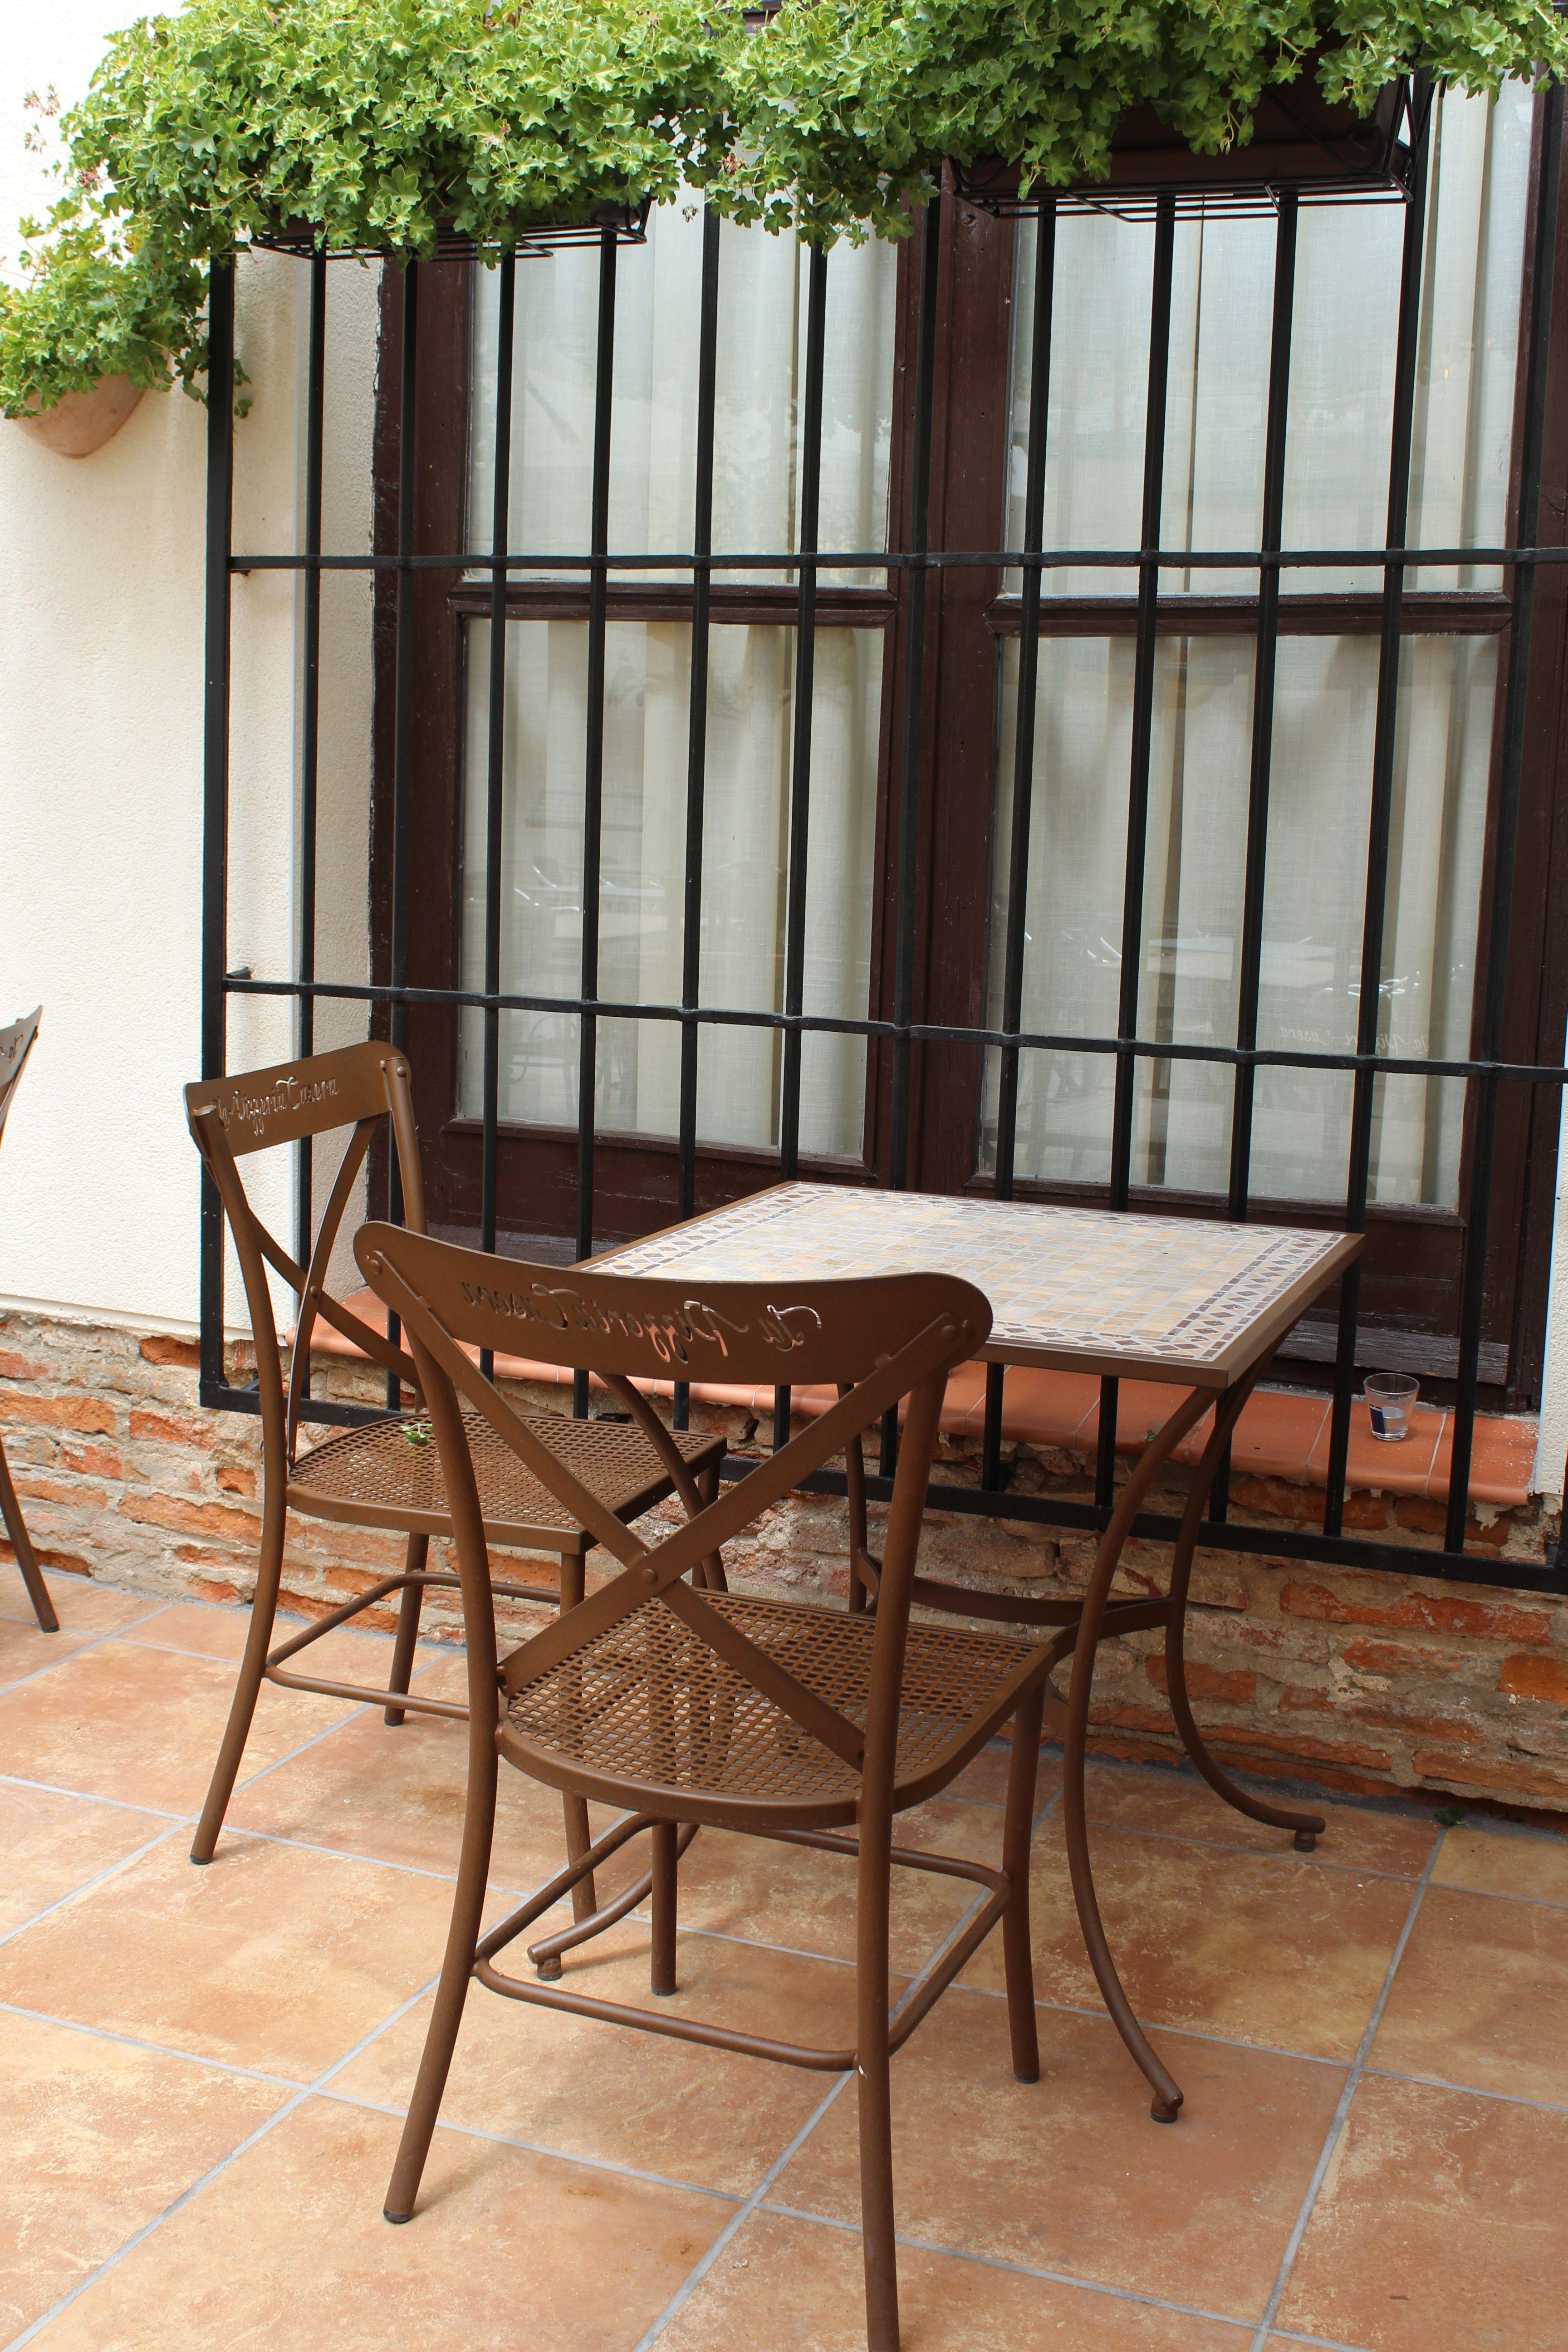 5ca3f5cb3a98b008ce4b3a6b02ce83e5 Impressionnant De Bar De Jardin Des Idées